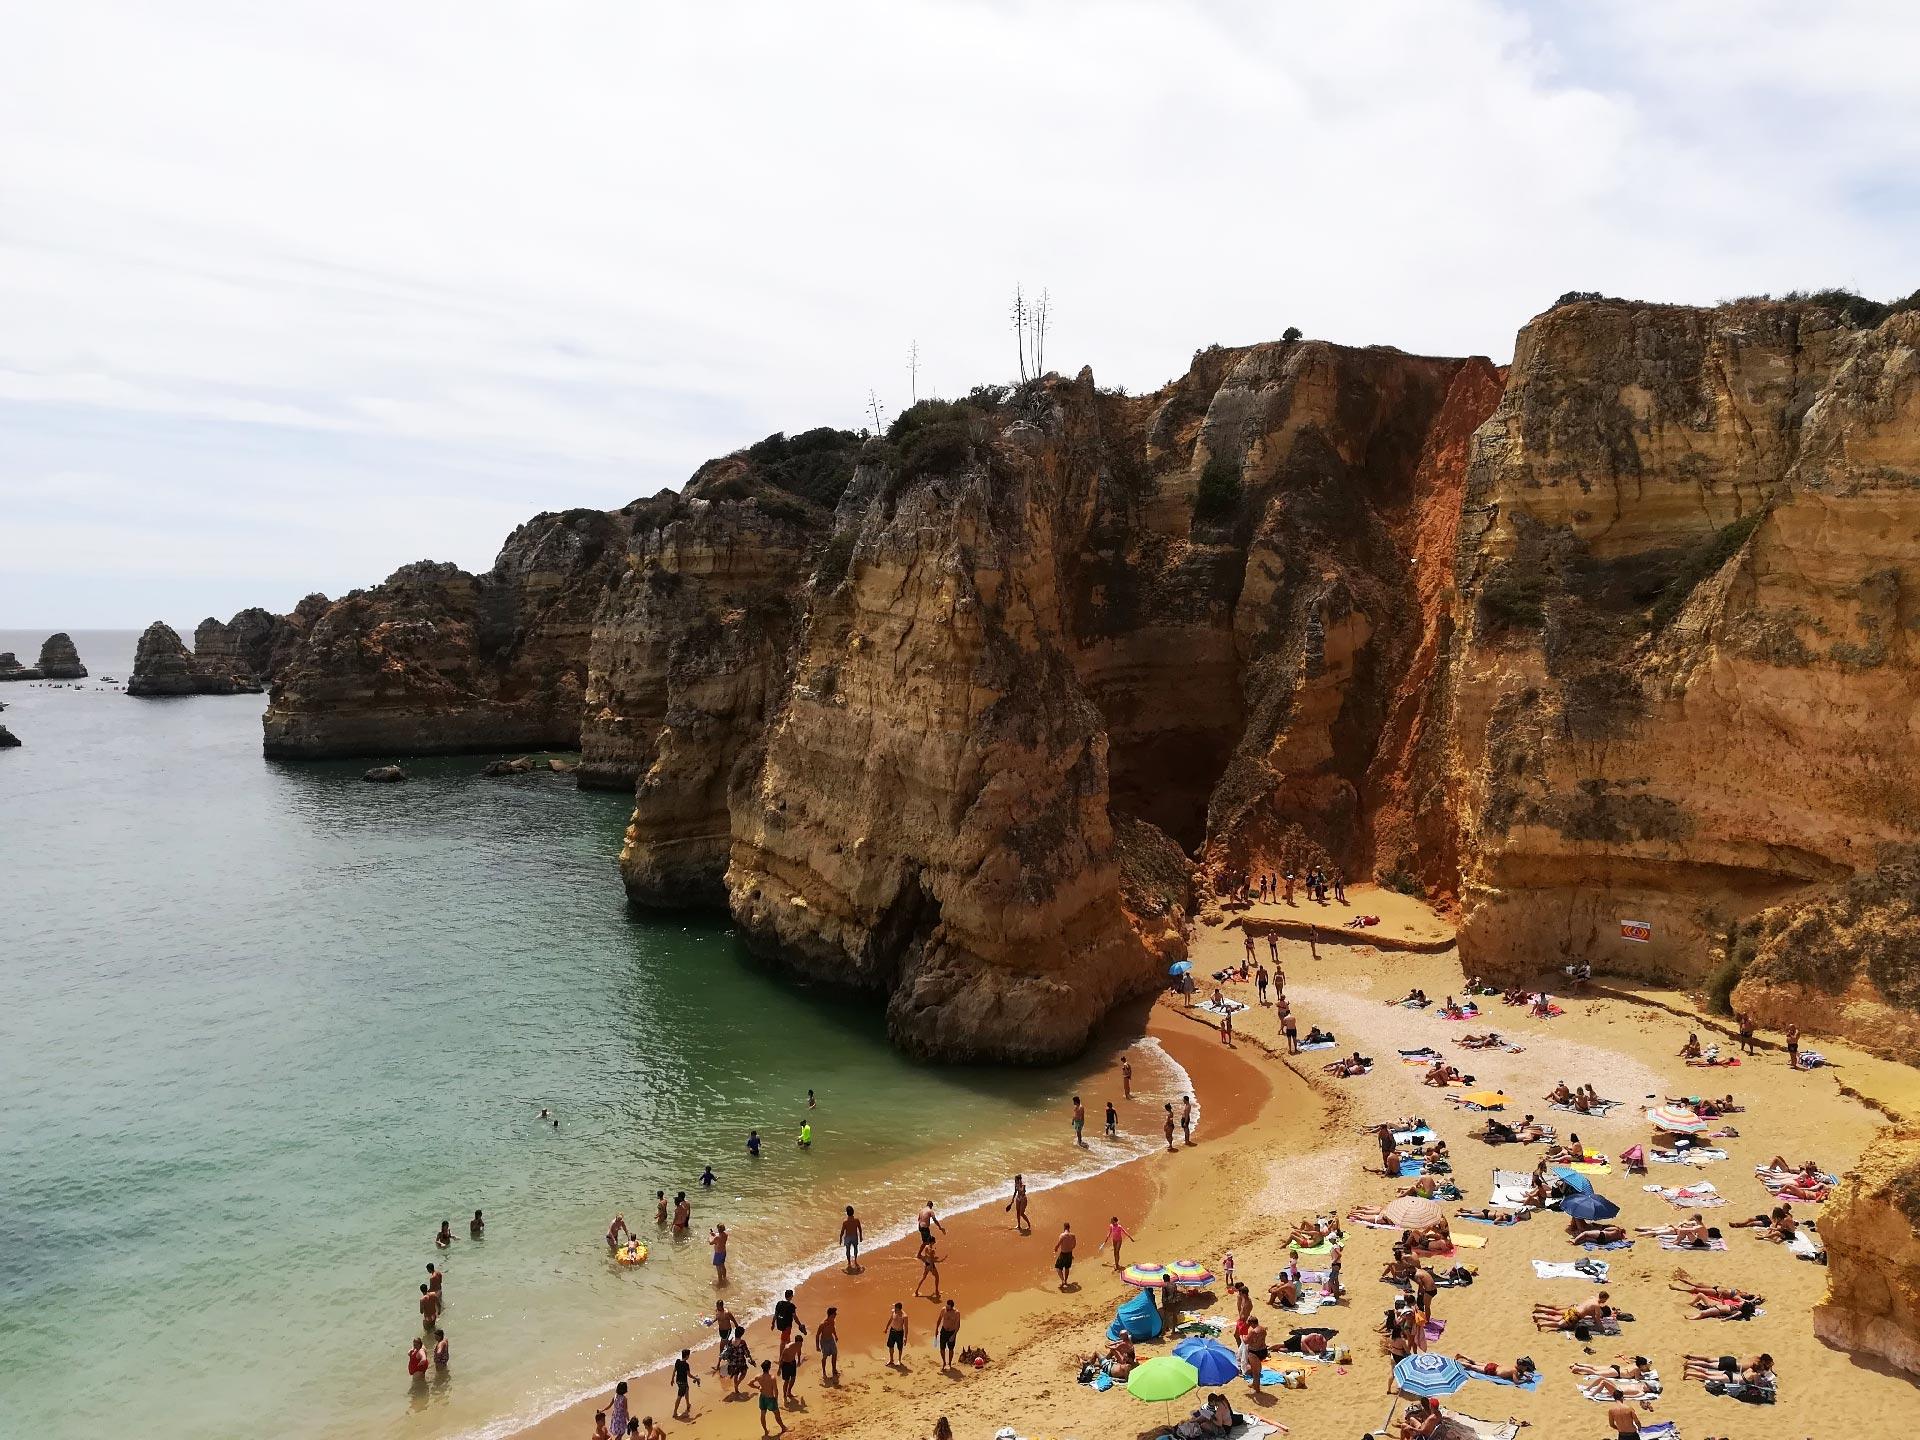 Veduta delle scogliere di Praia de Dona Ana (spiaggia e mare), Portimao, Portogallo